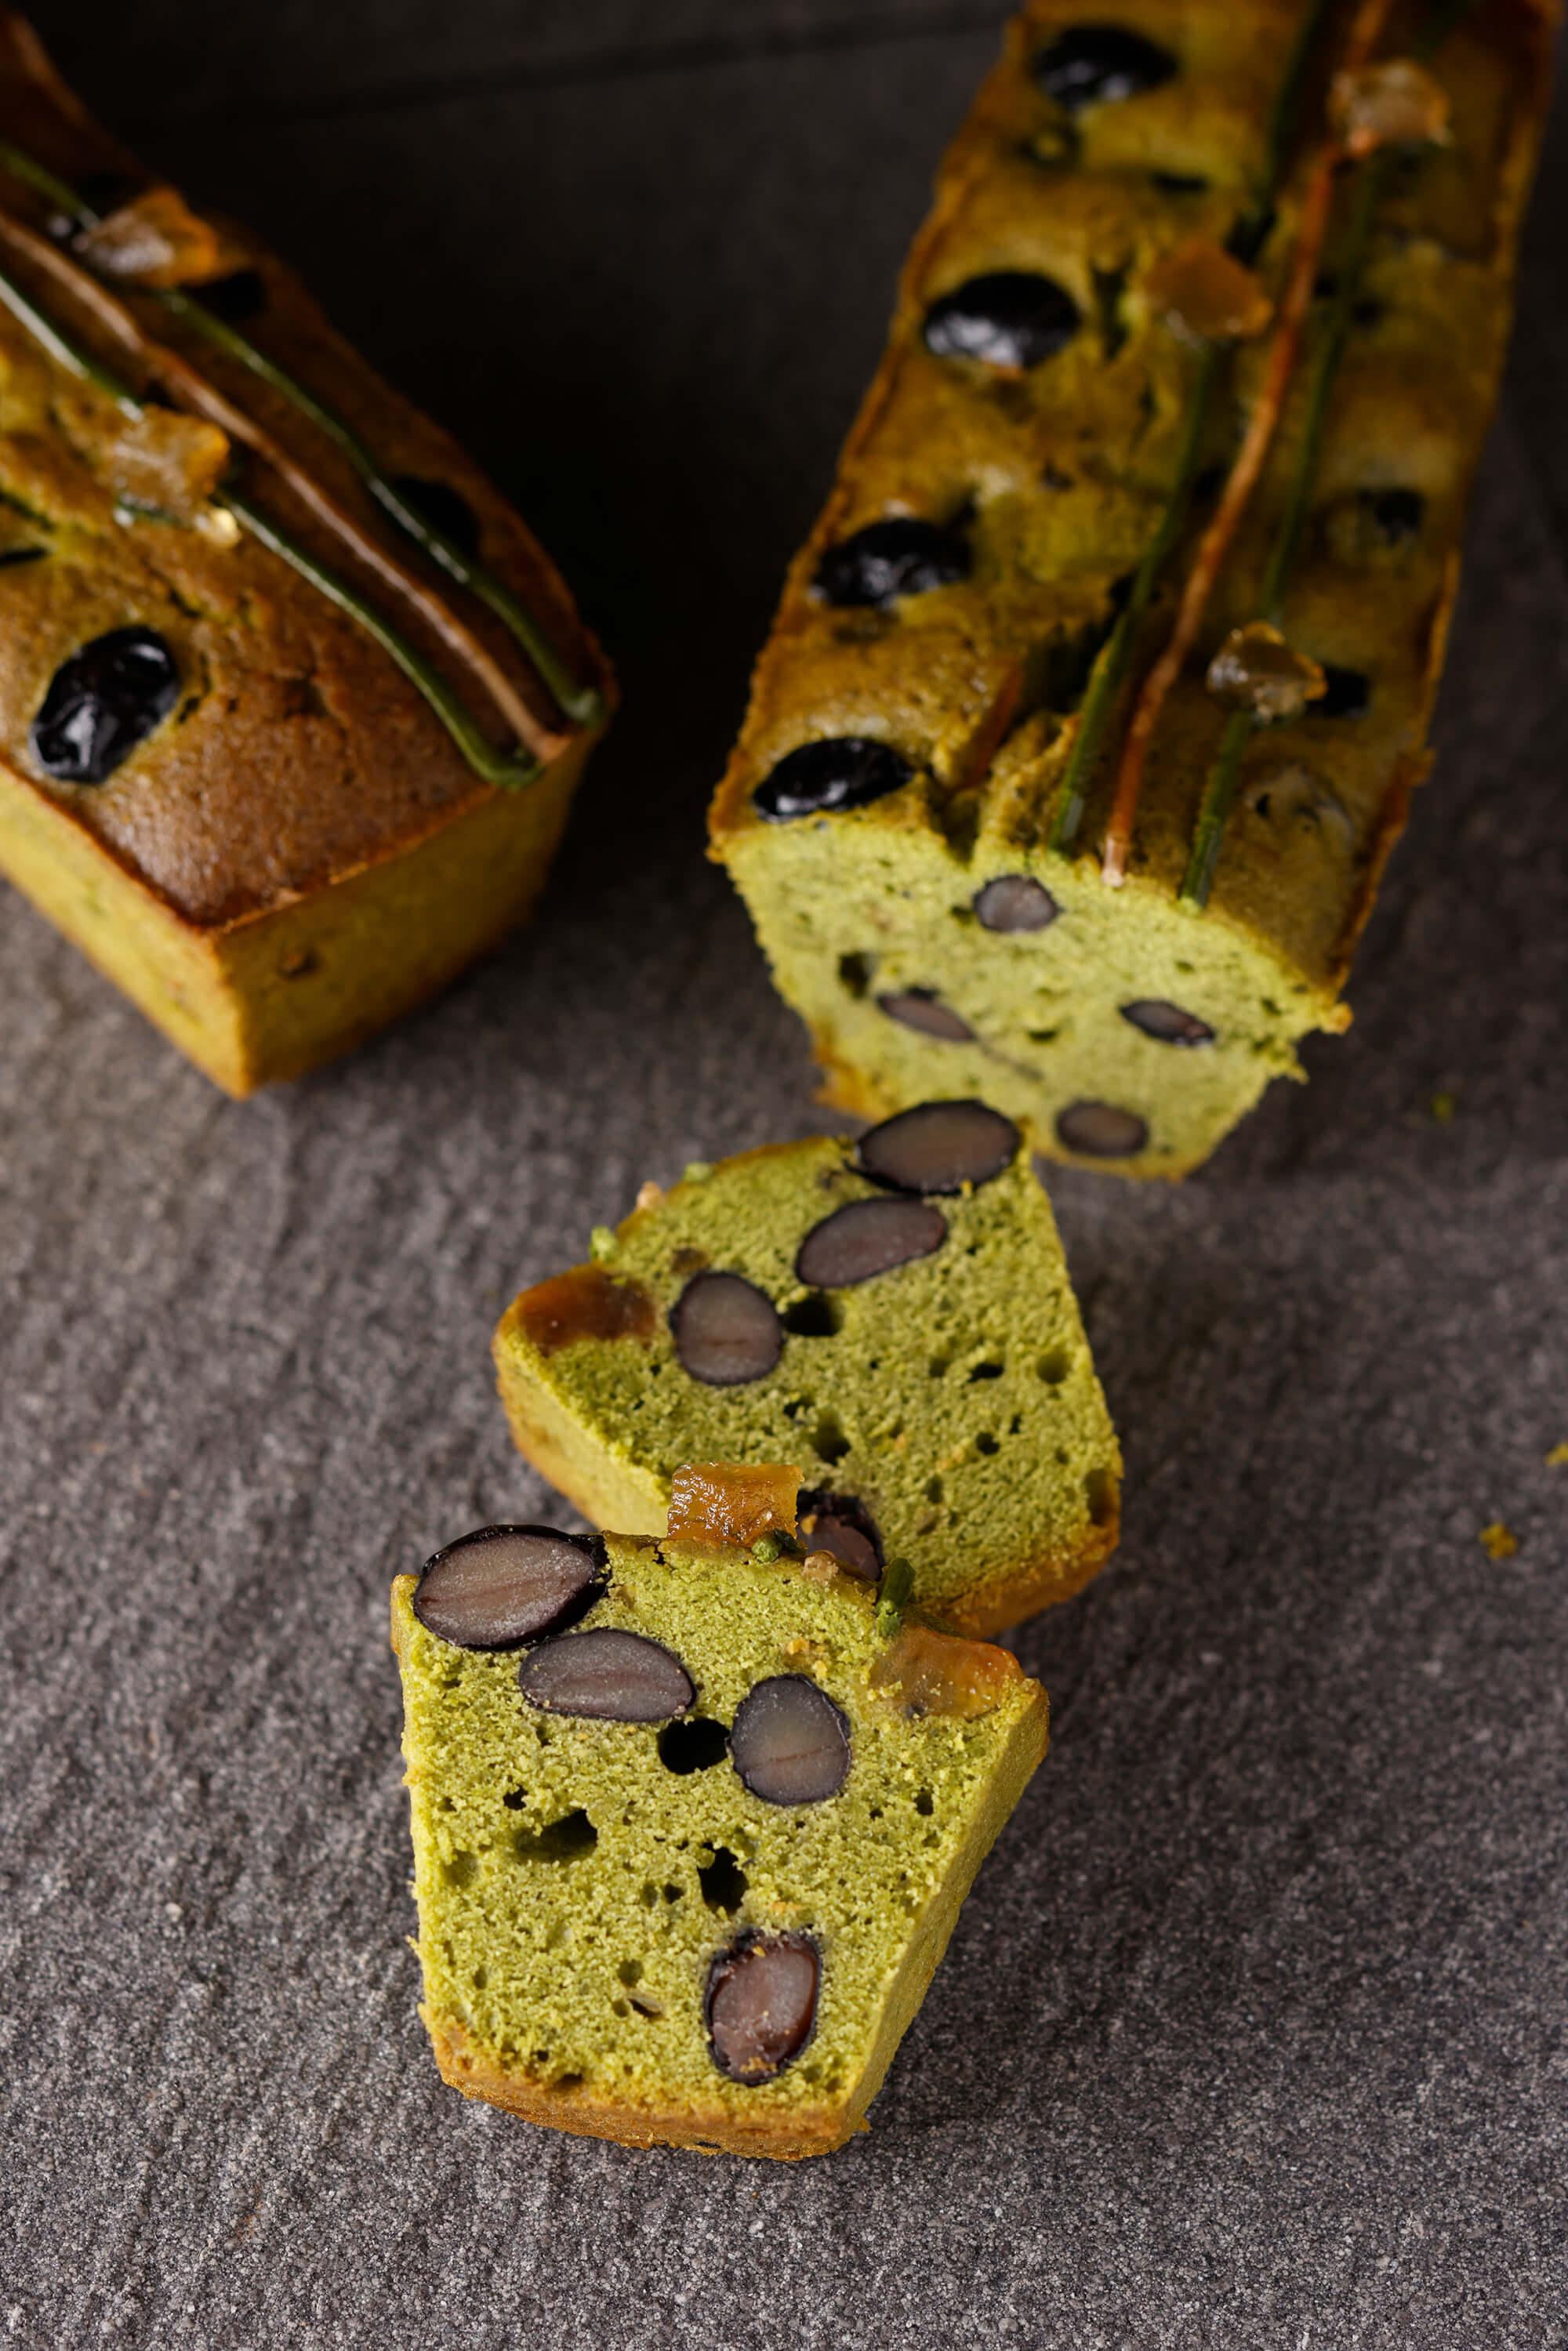 抹茶と黒豆のパウンドケーキ【大江ノ郷自然牧場】